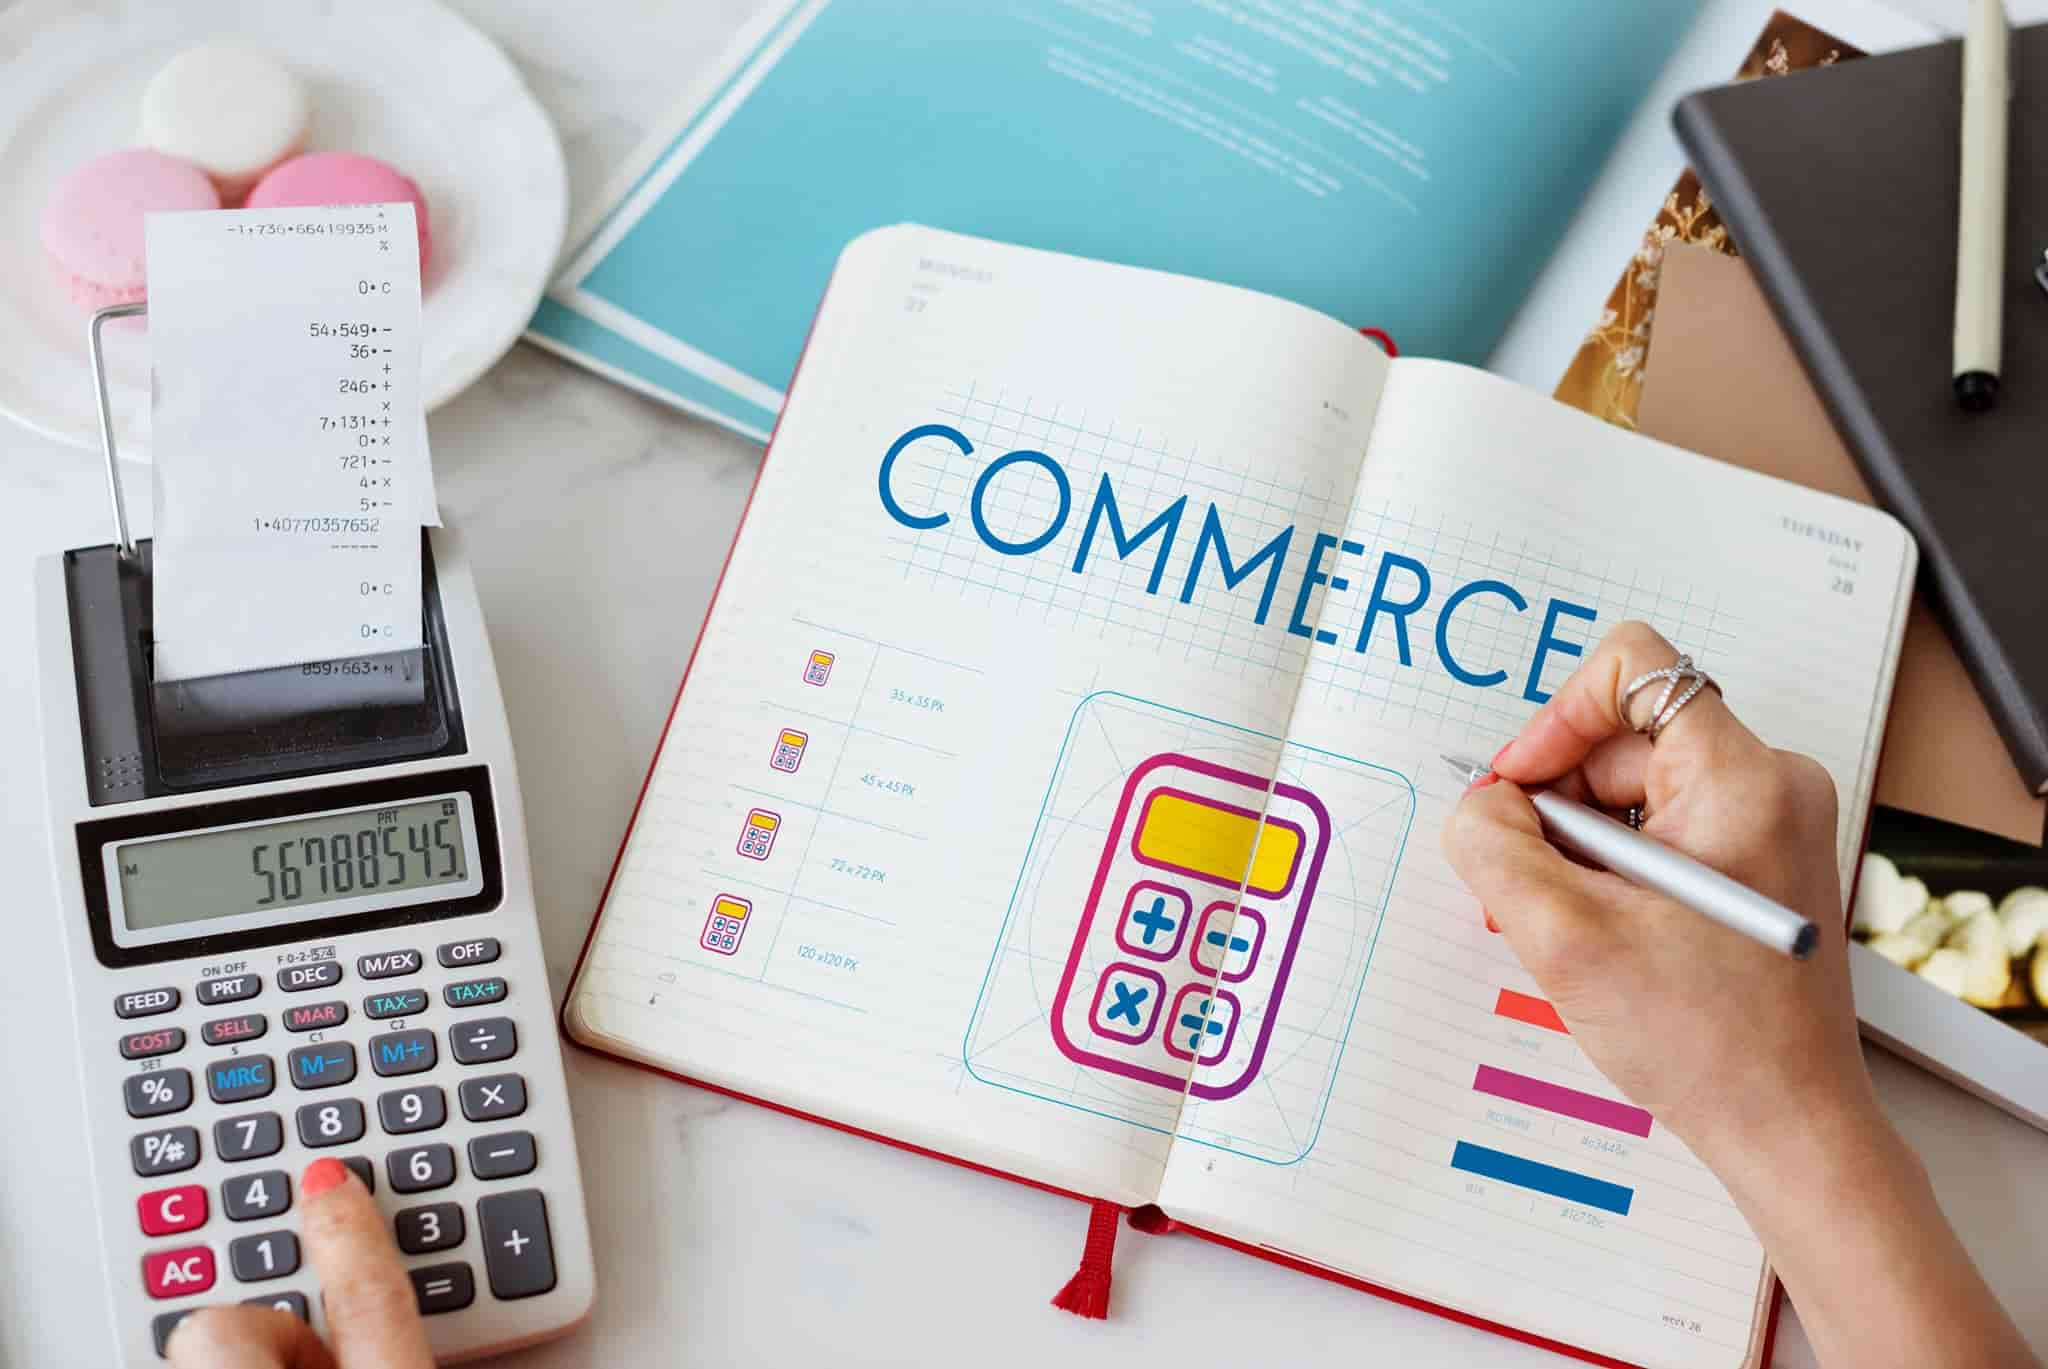 Plano De Negocios Para Comercio Como Elaborar O Meu - Plano de negócios para Comércio – Como elaborar o seu?